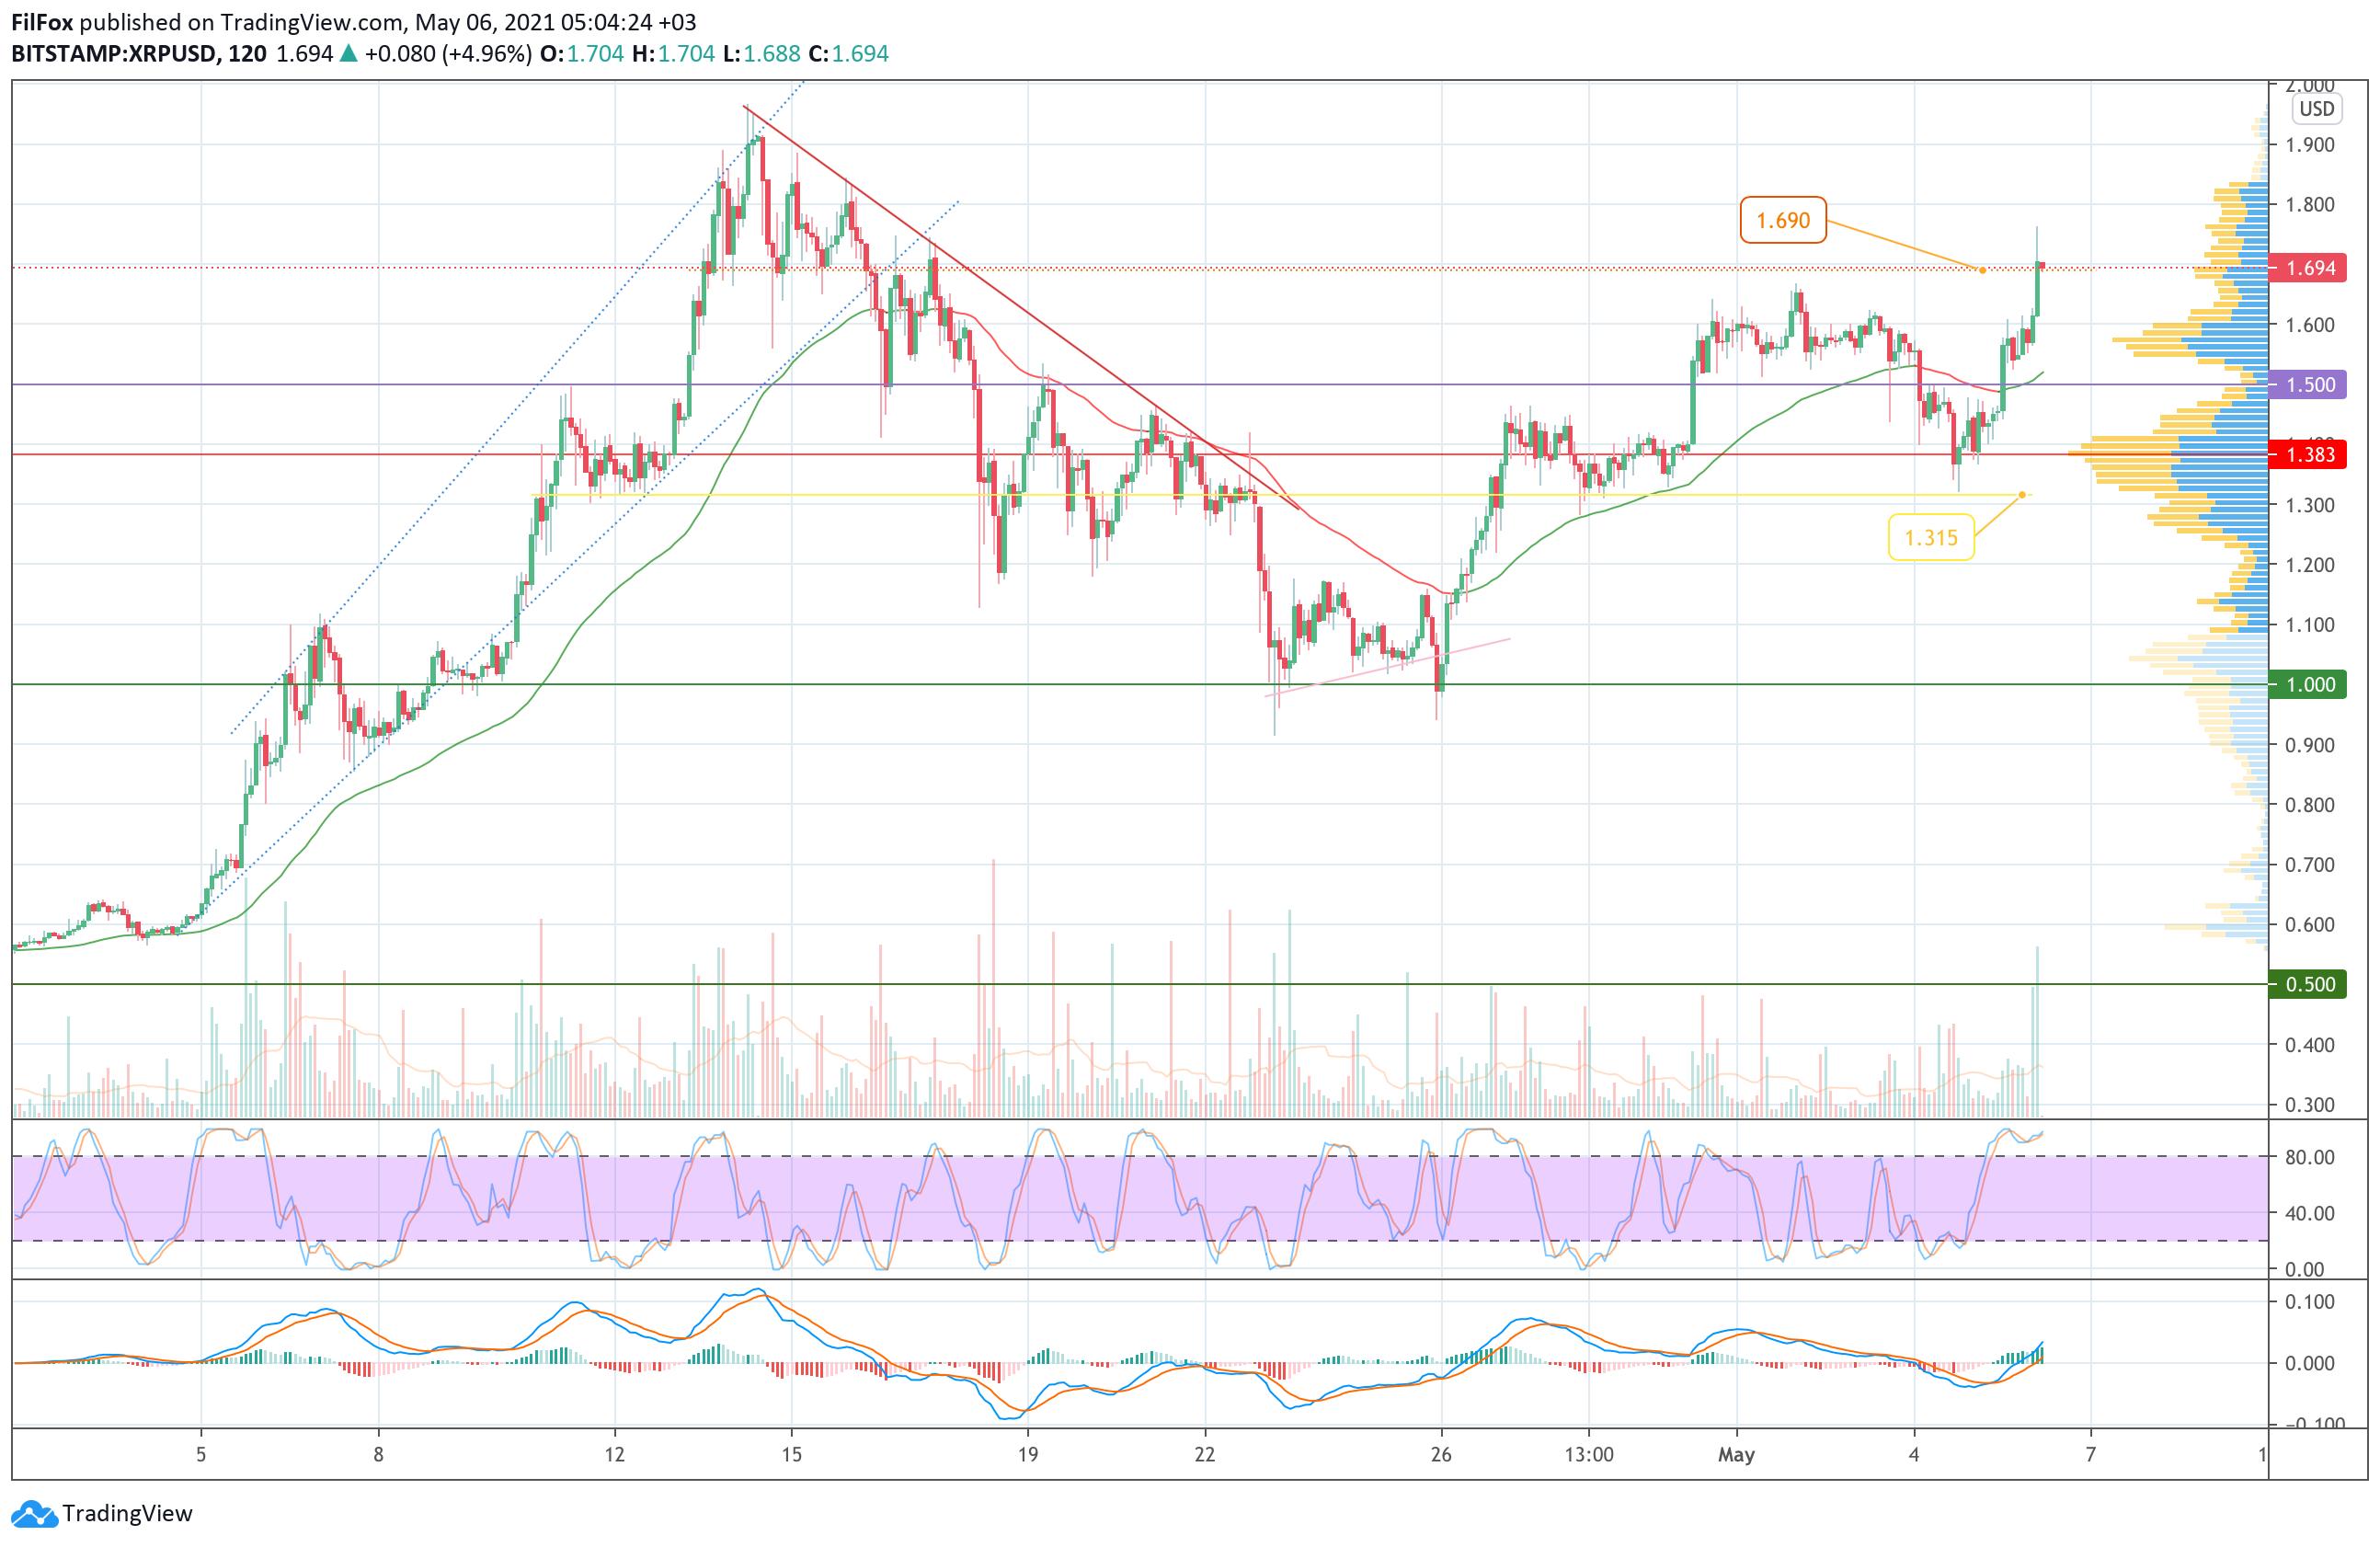 Аналіз цін Bitcoin, Ethereum, XRP